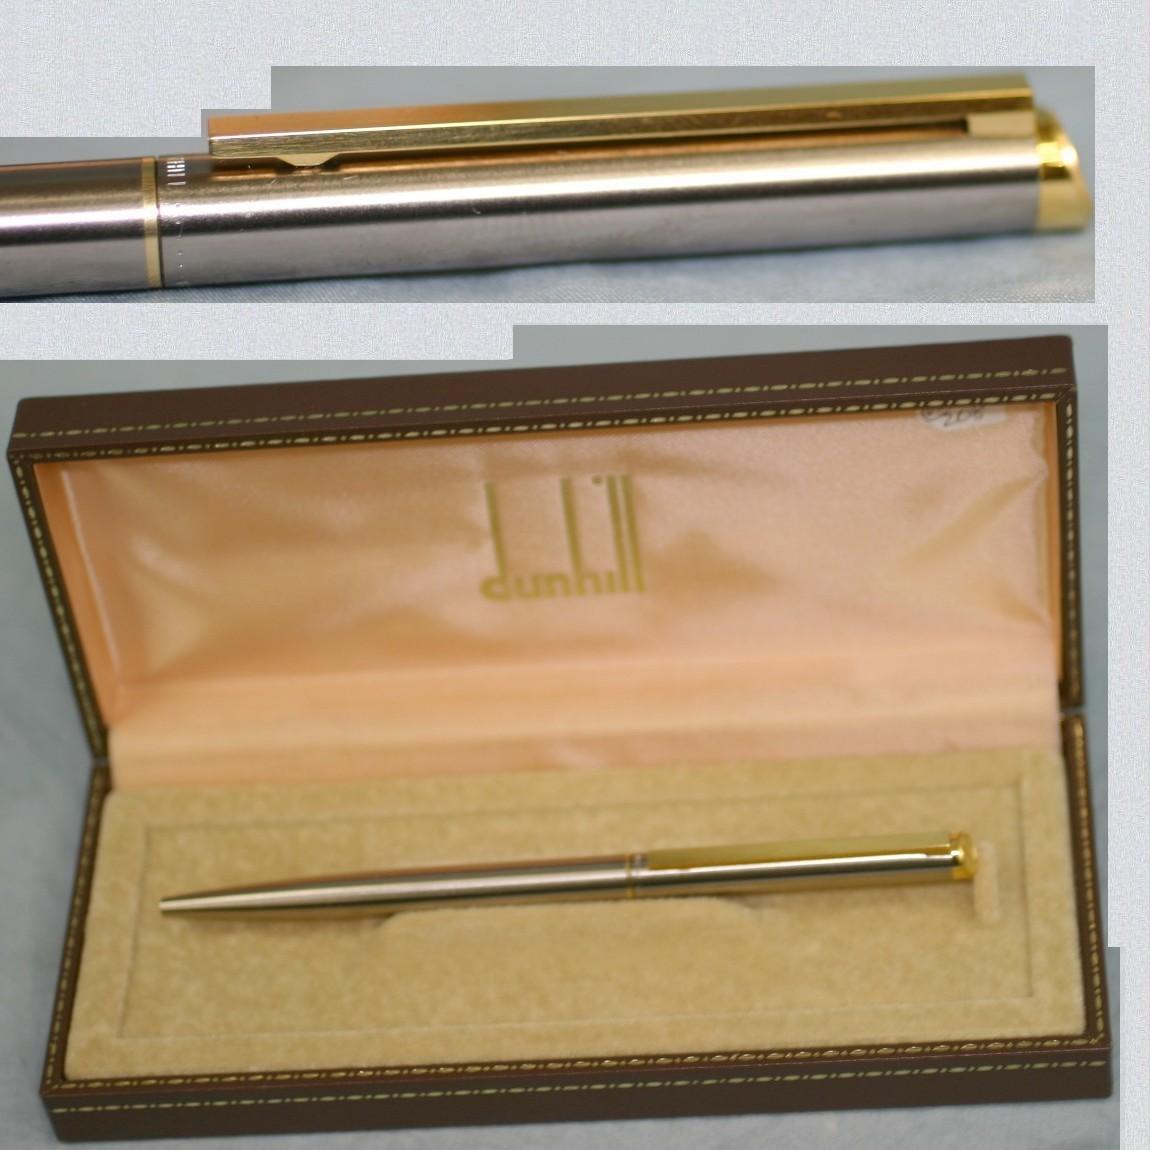 【中古】本物綺麗ダンヒル紳士用コンビのお洒落なボールペン ○D6-208